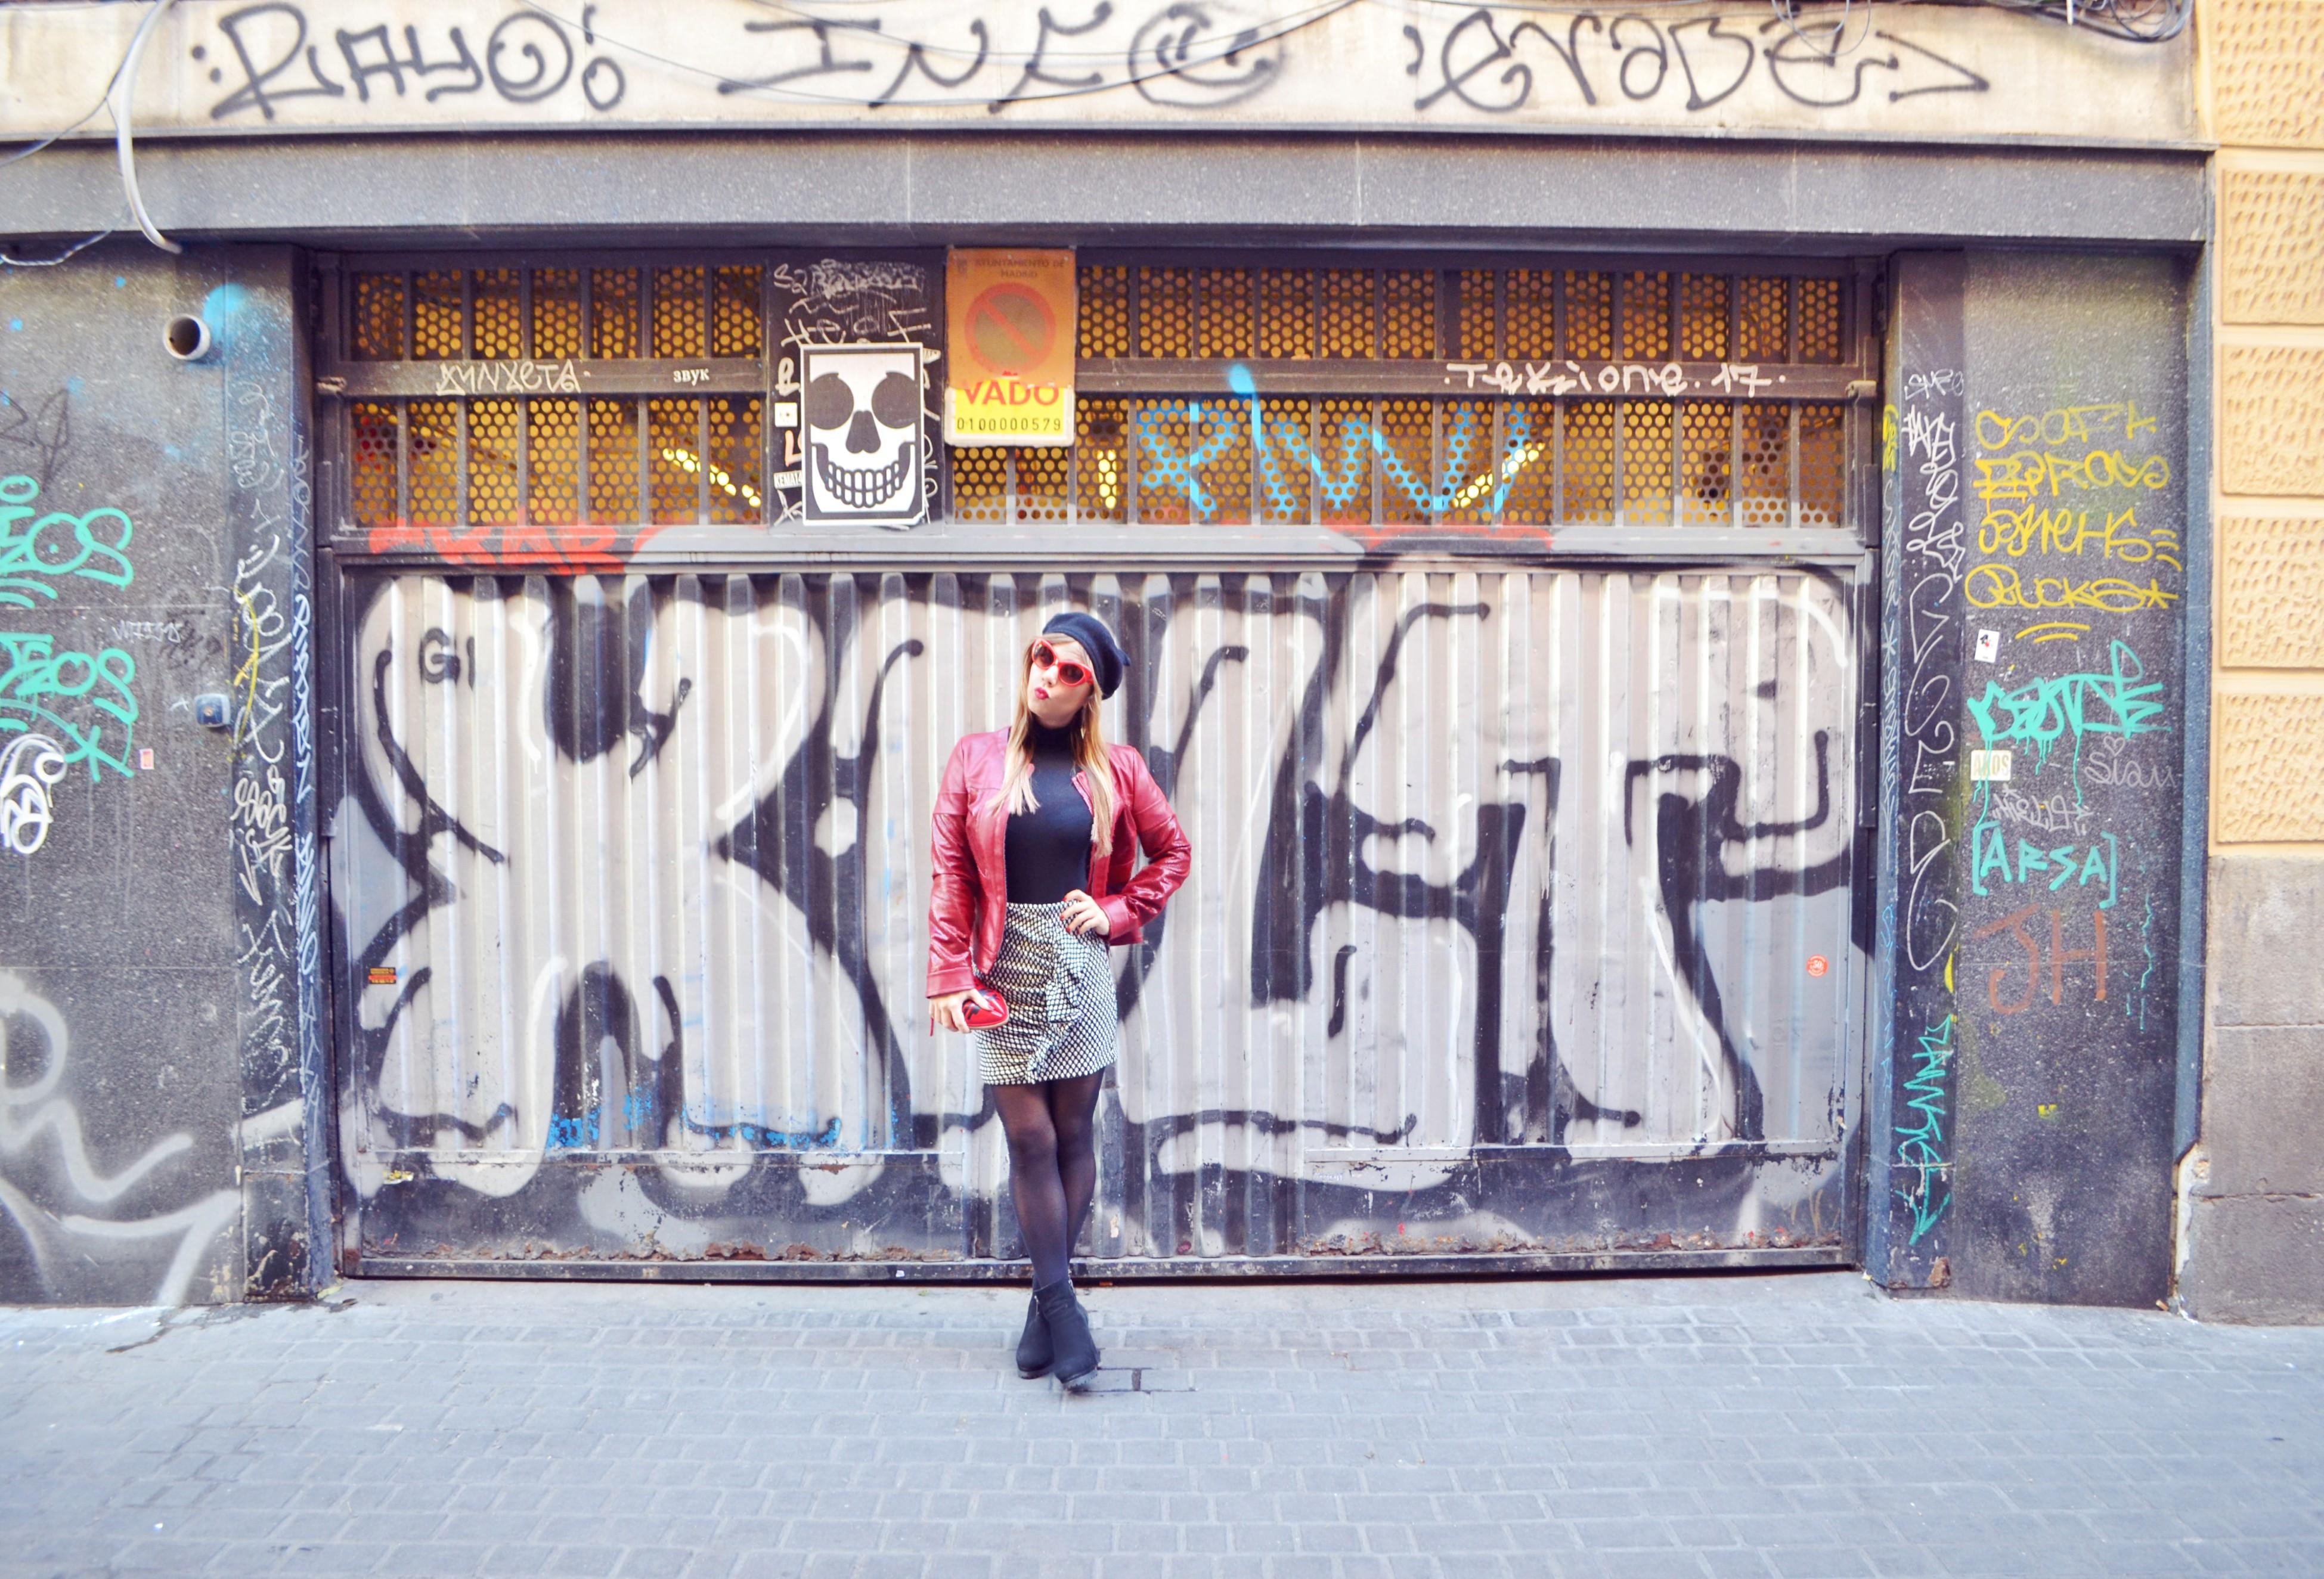 Blog-de-moda-ChicAdicta-influencer-street-style-Madrid-Chic-Adicta-arggido-falda-con-volantes-boinas-PiensaenChic-Piensa-en-Chic